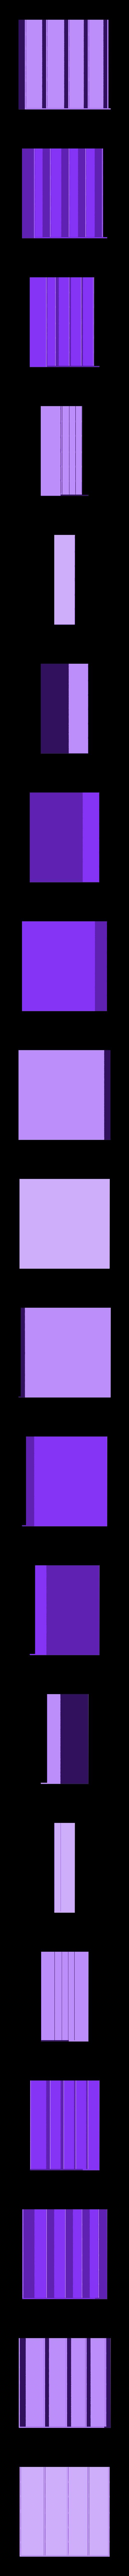 SD_Tray_Bottom_Left.stl Télécharger fichier STL gratuit Plateaux de chariots à outils • Objet pour imprimante 3D, Darrens_Workshop